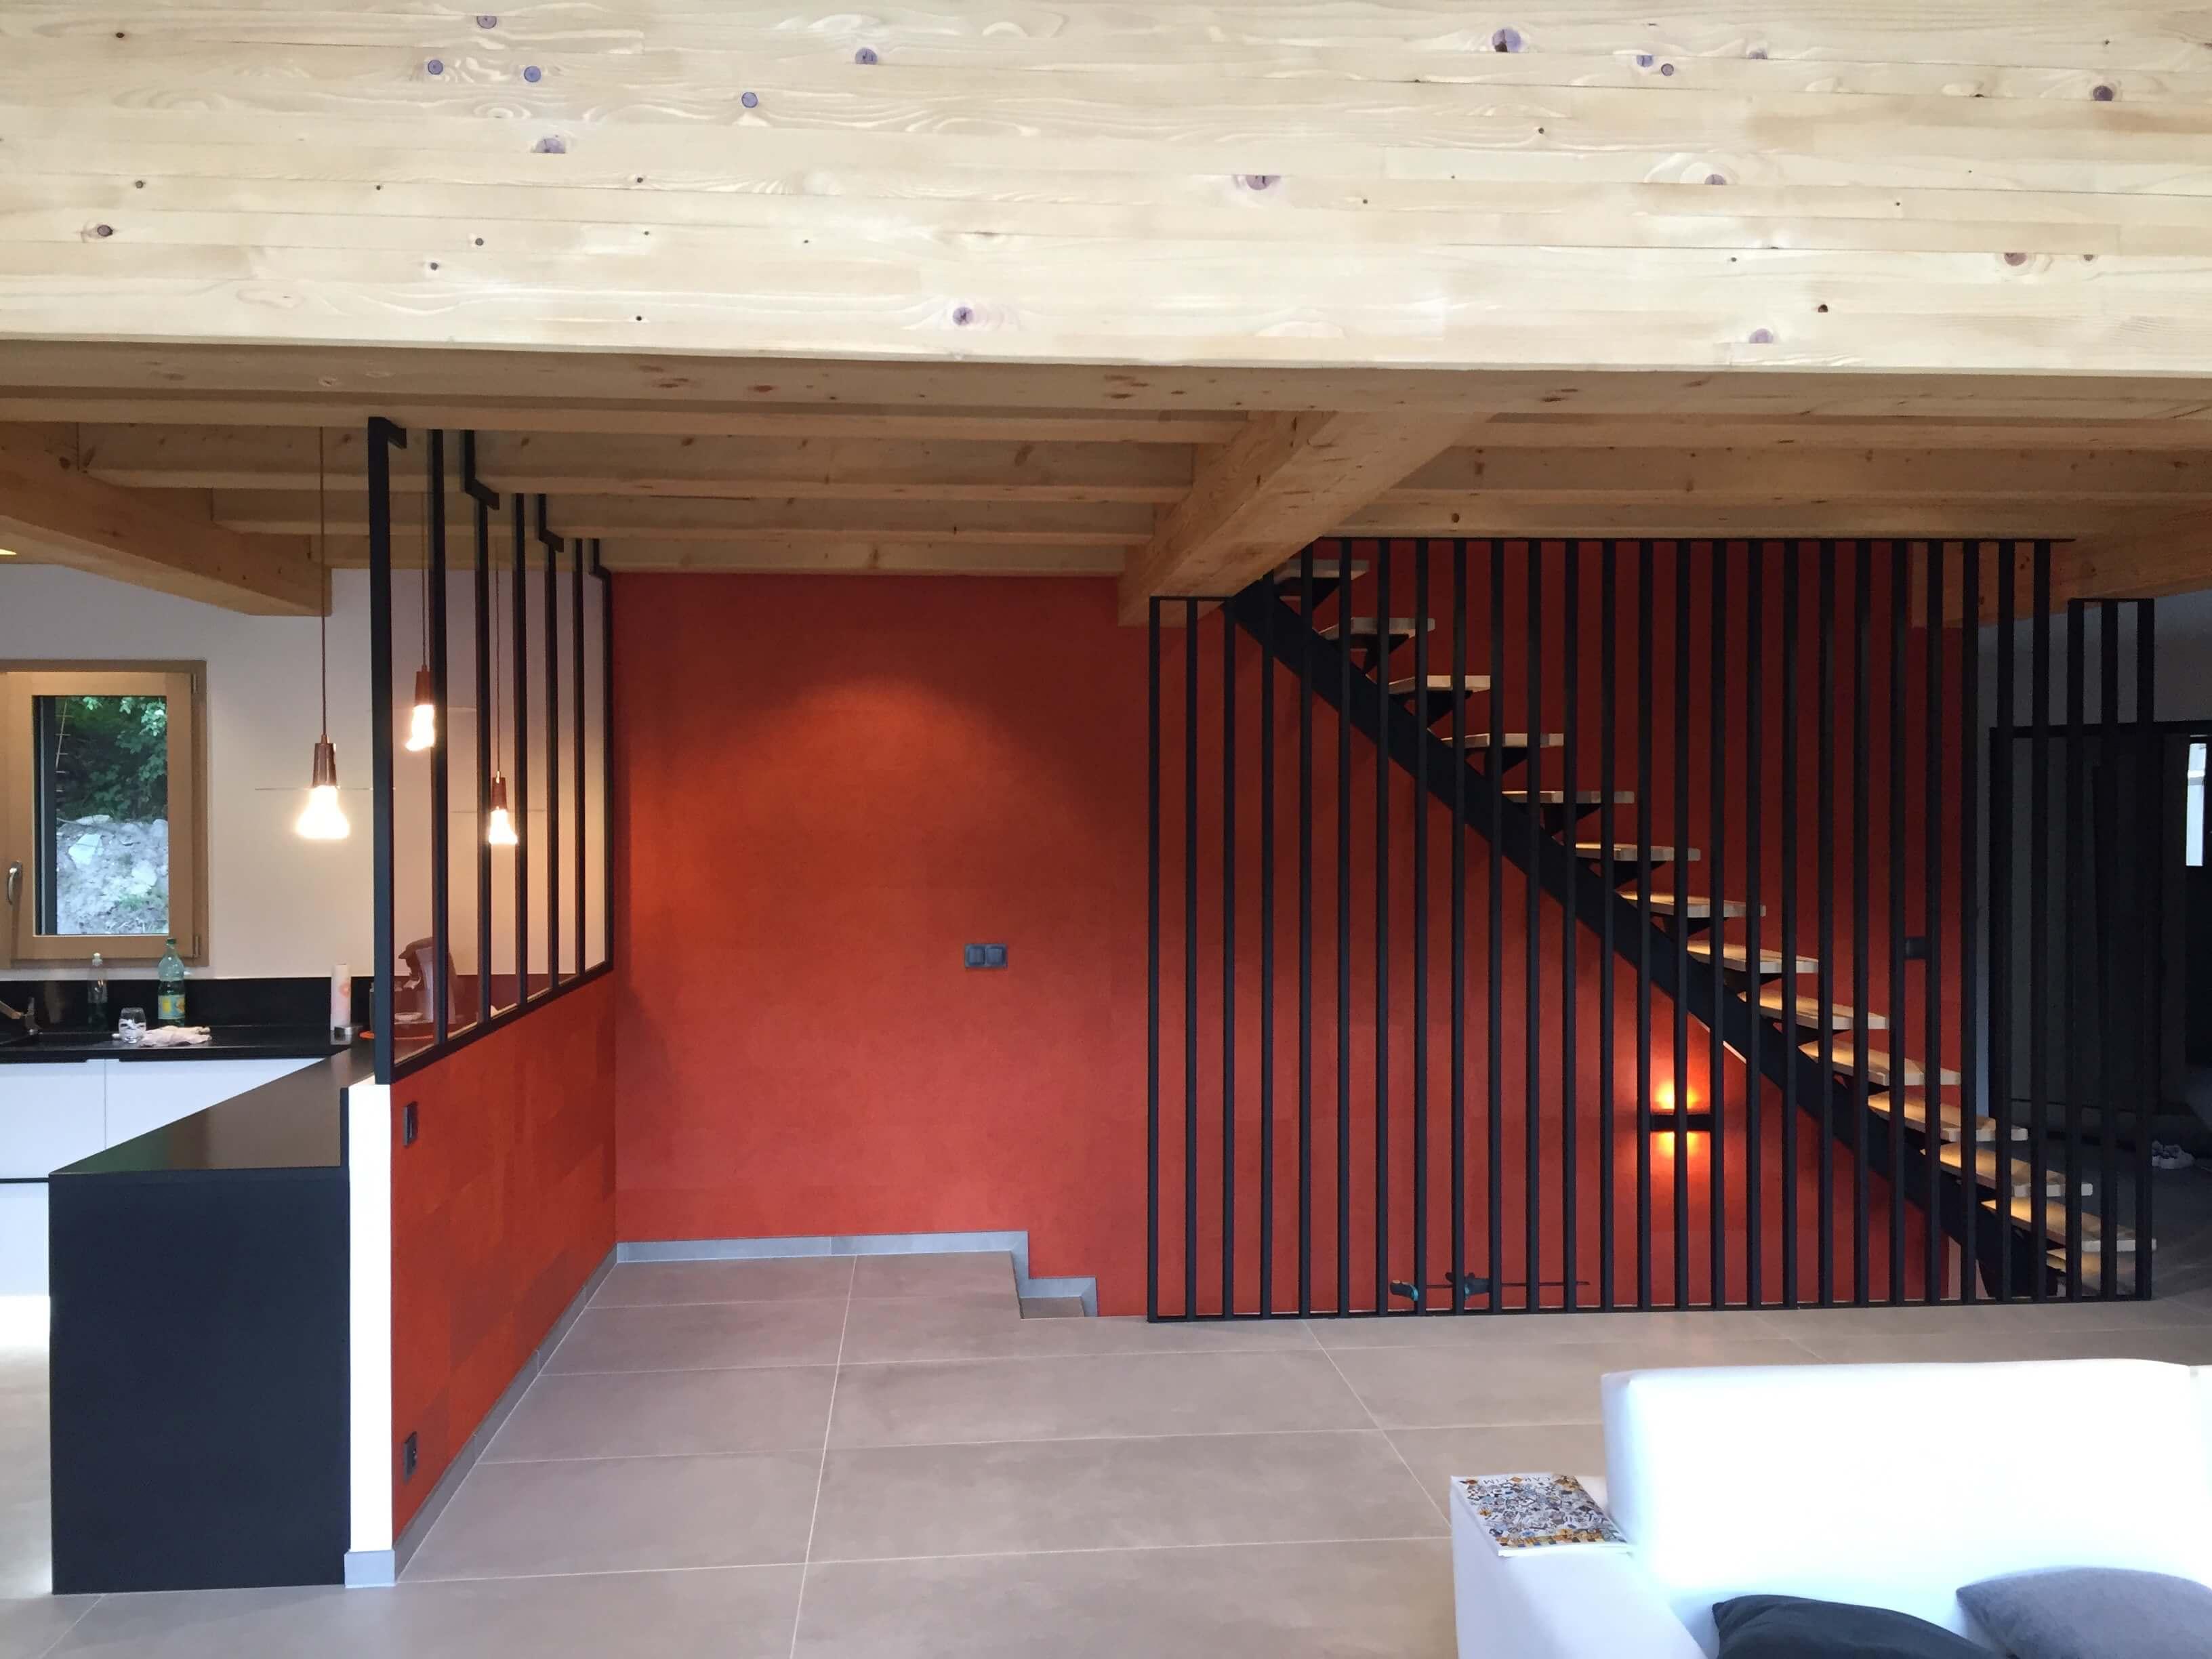 Robi design Métallique Annecy agencement intérieur verrière claustra Tarentaise 7326